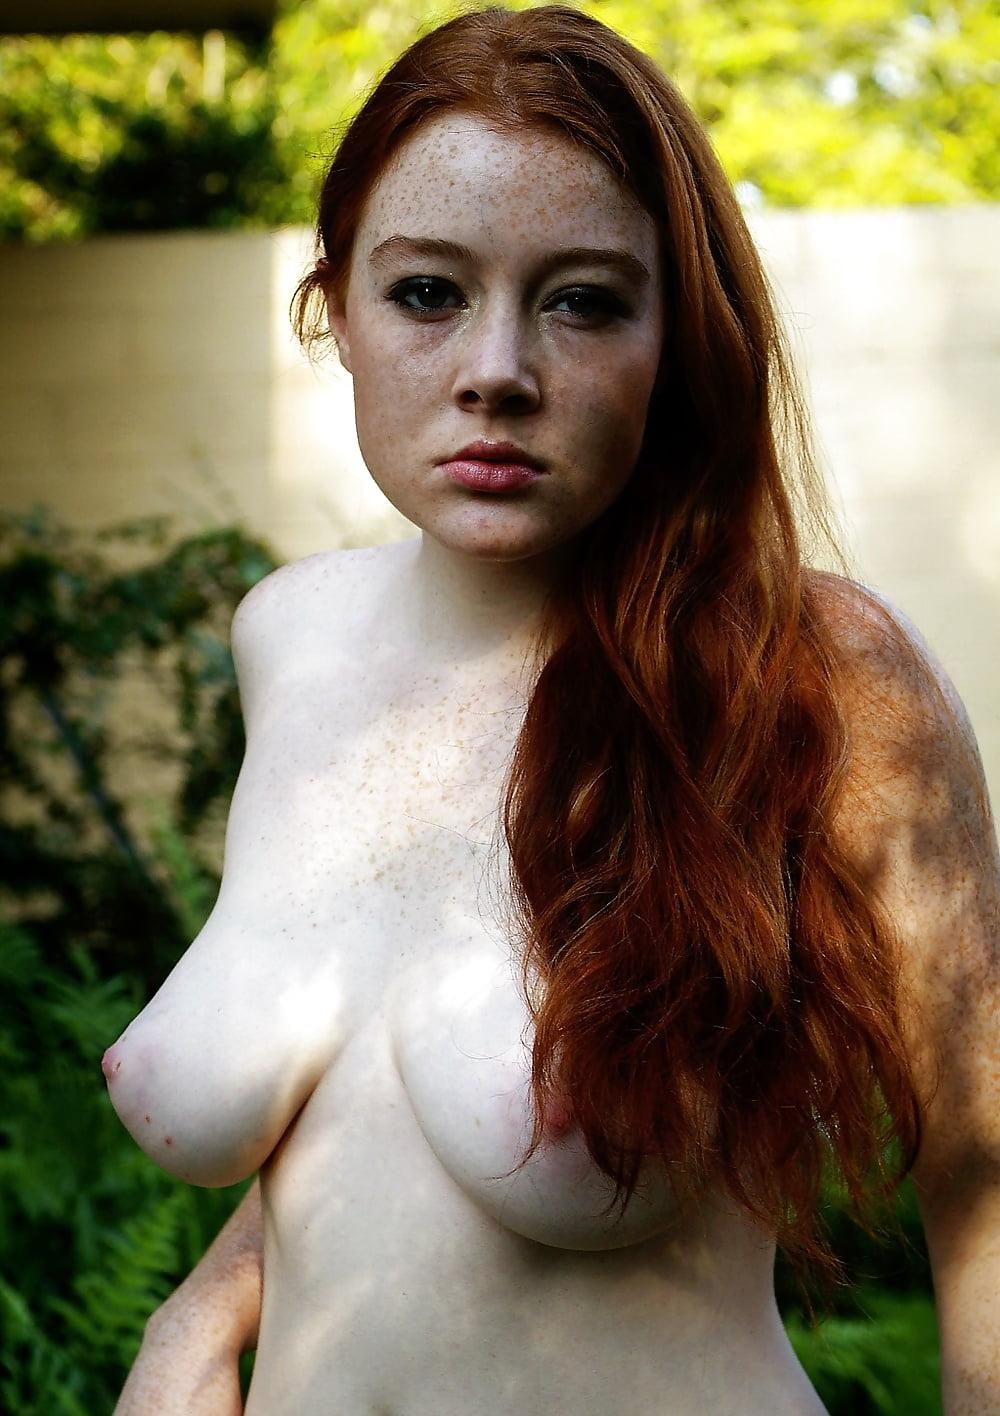 Getbig com redhead 4